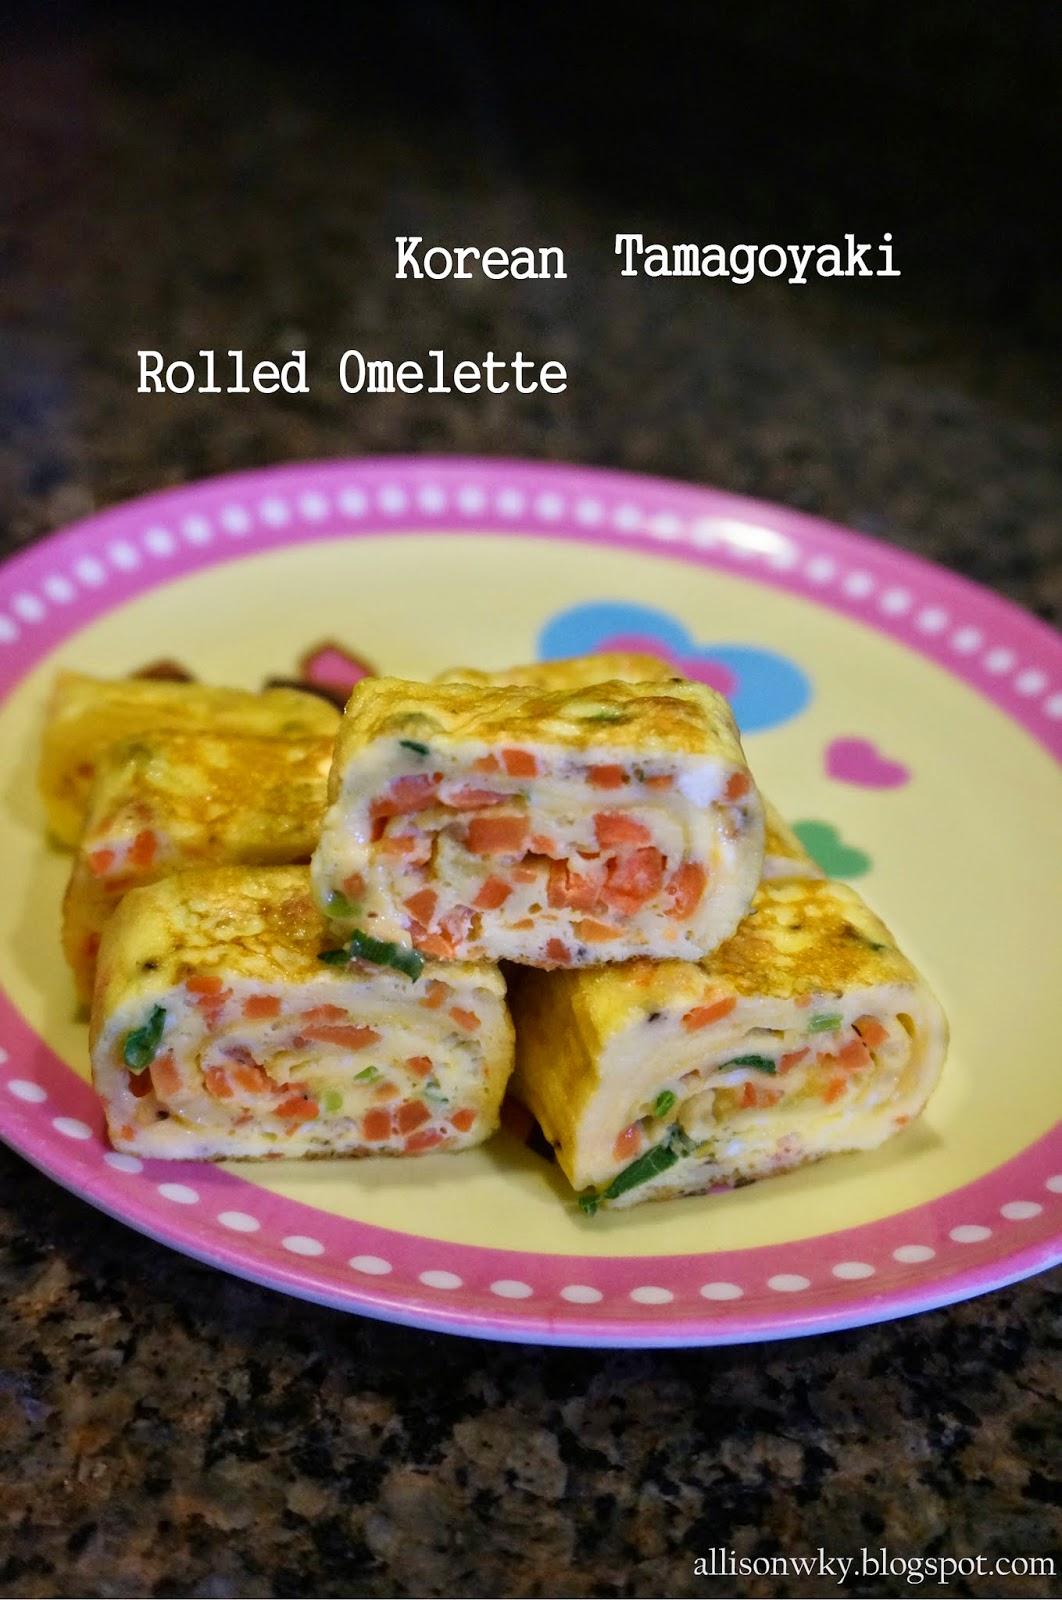 Korean Tamagoyaki (Rolled Omelet) Recipe